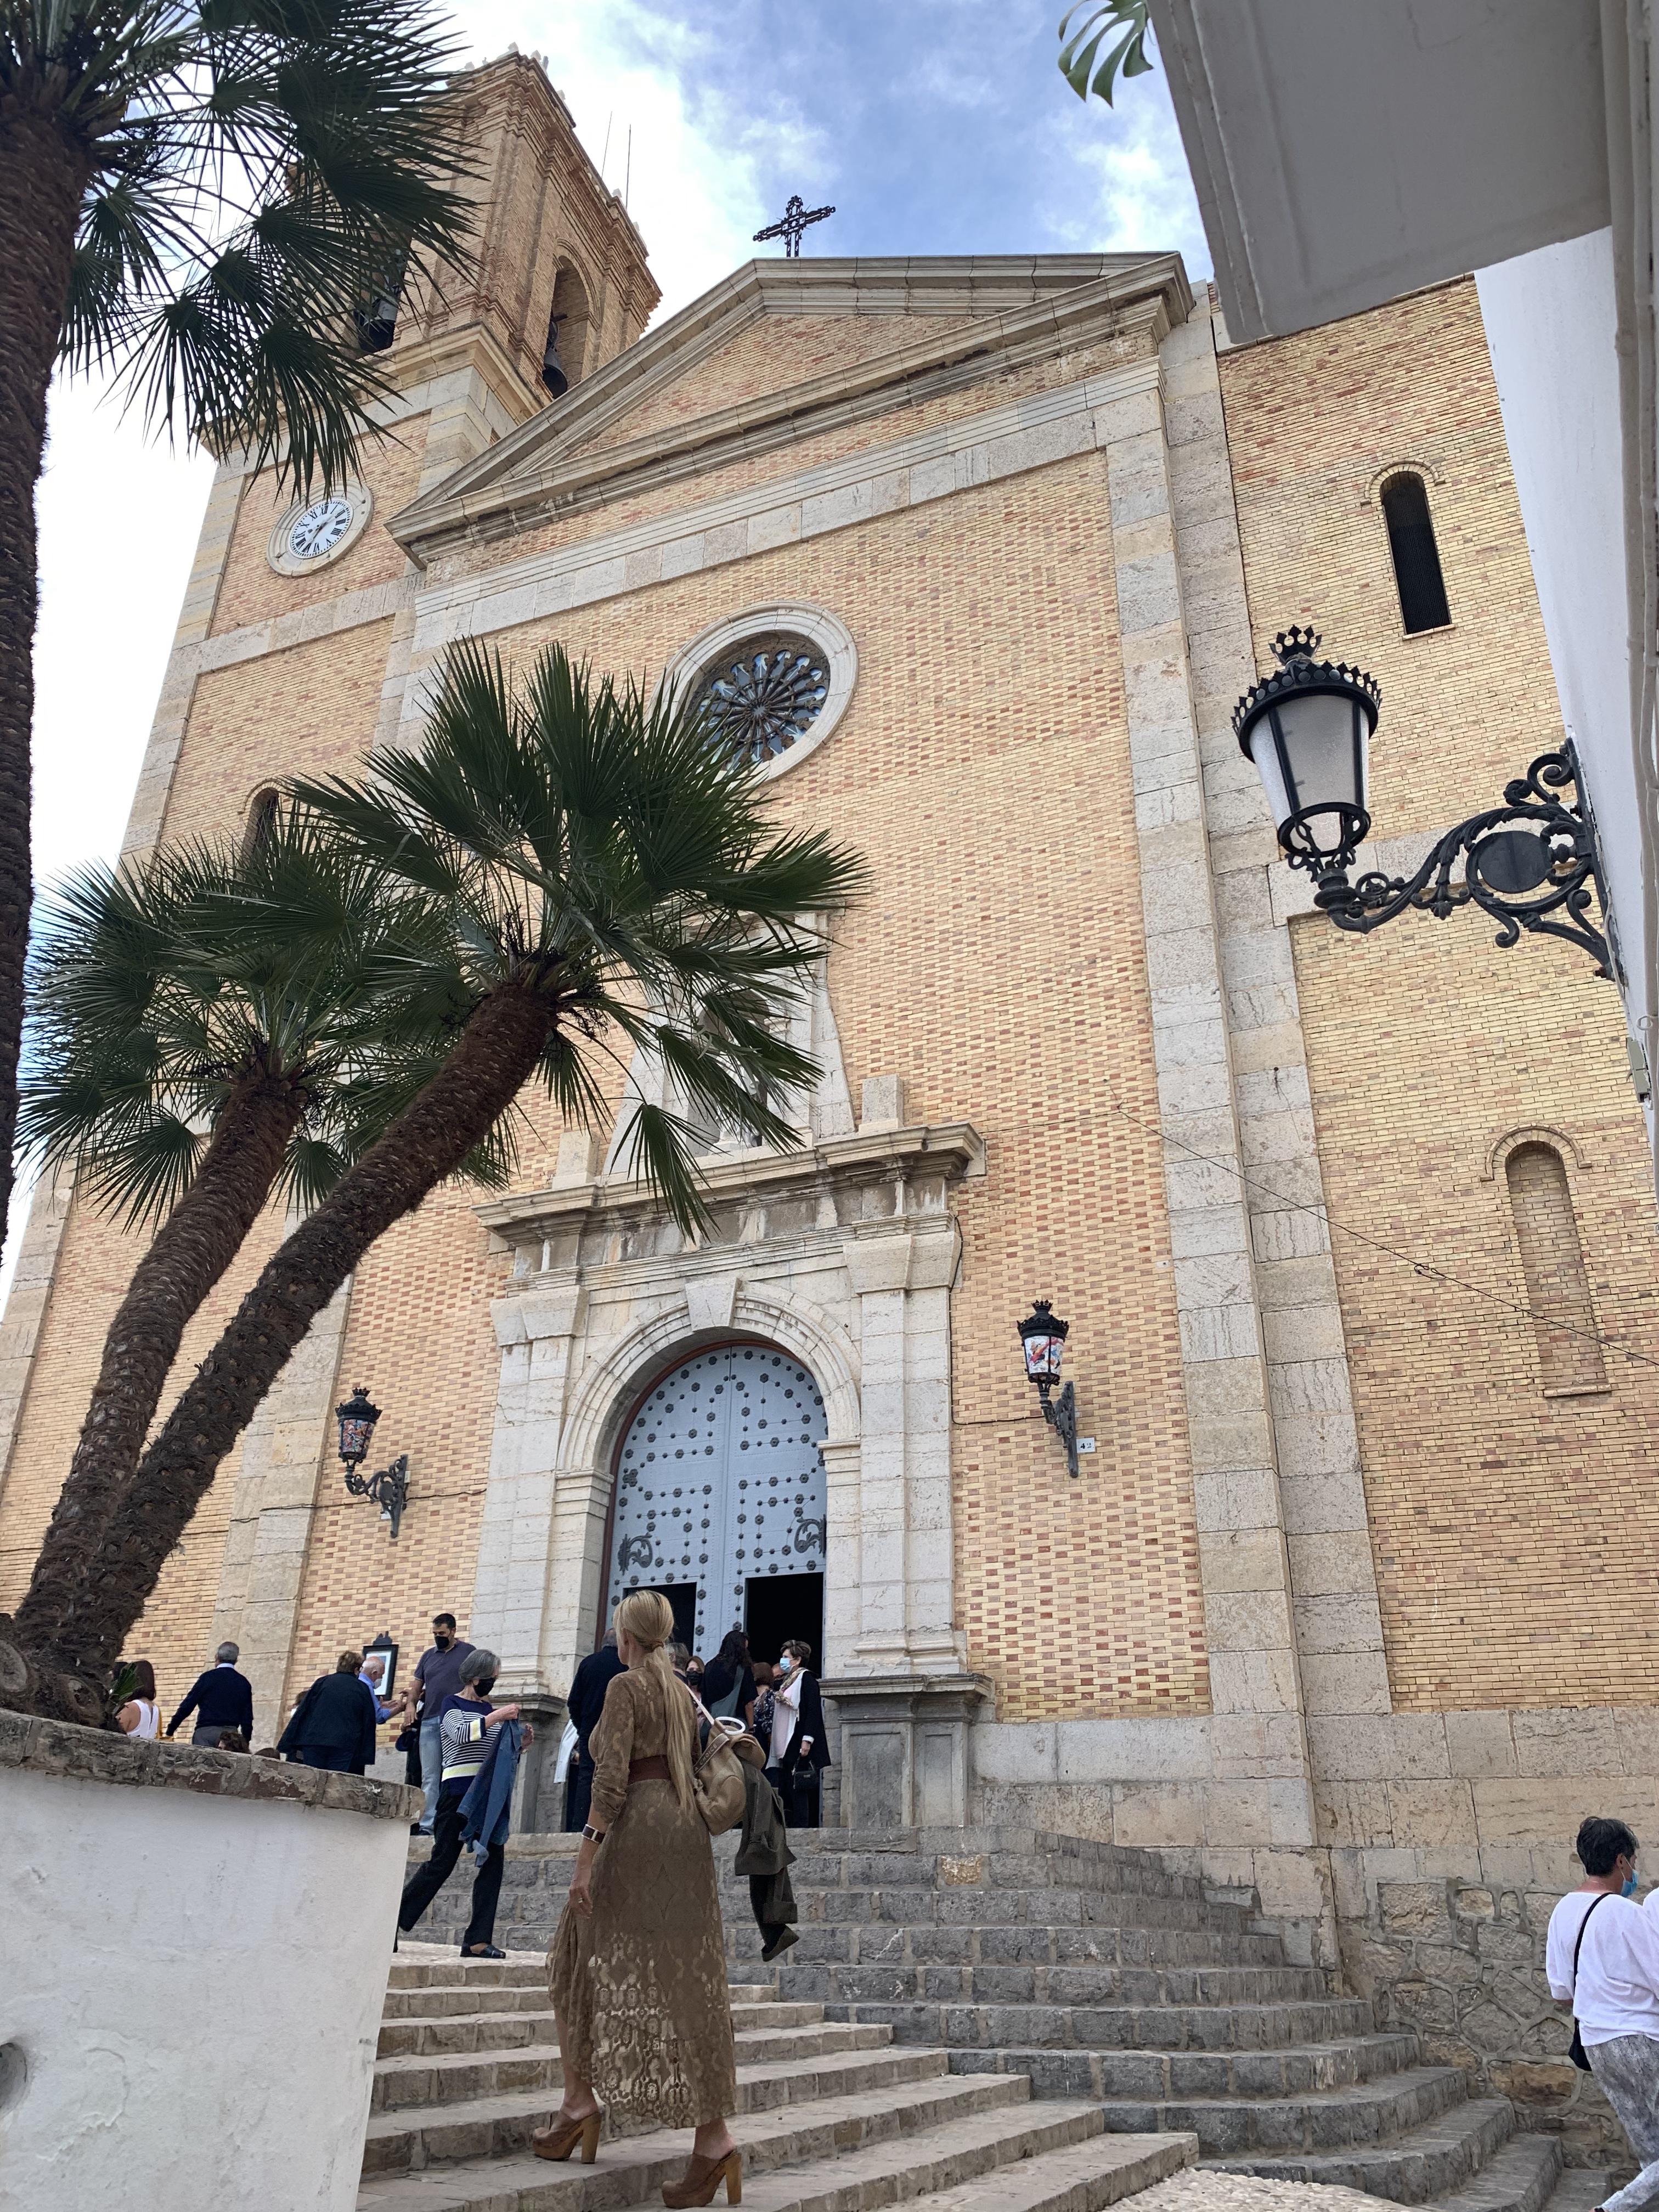 A Parroquia De Nuestra Señora Del Consuelo, coroando a cidade